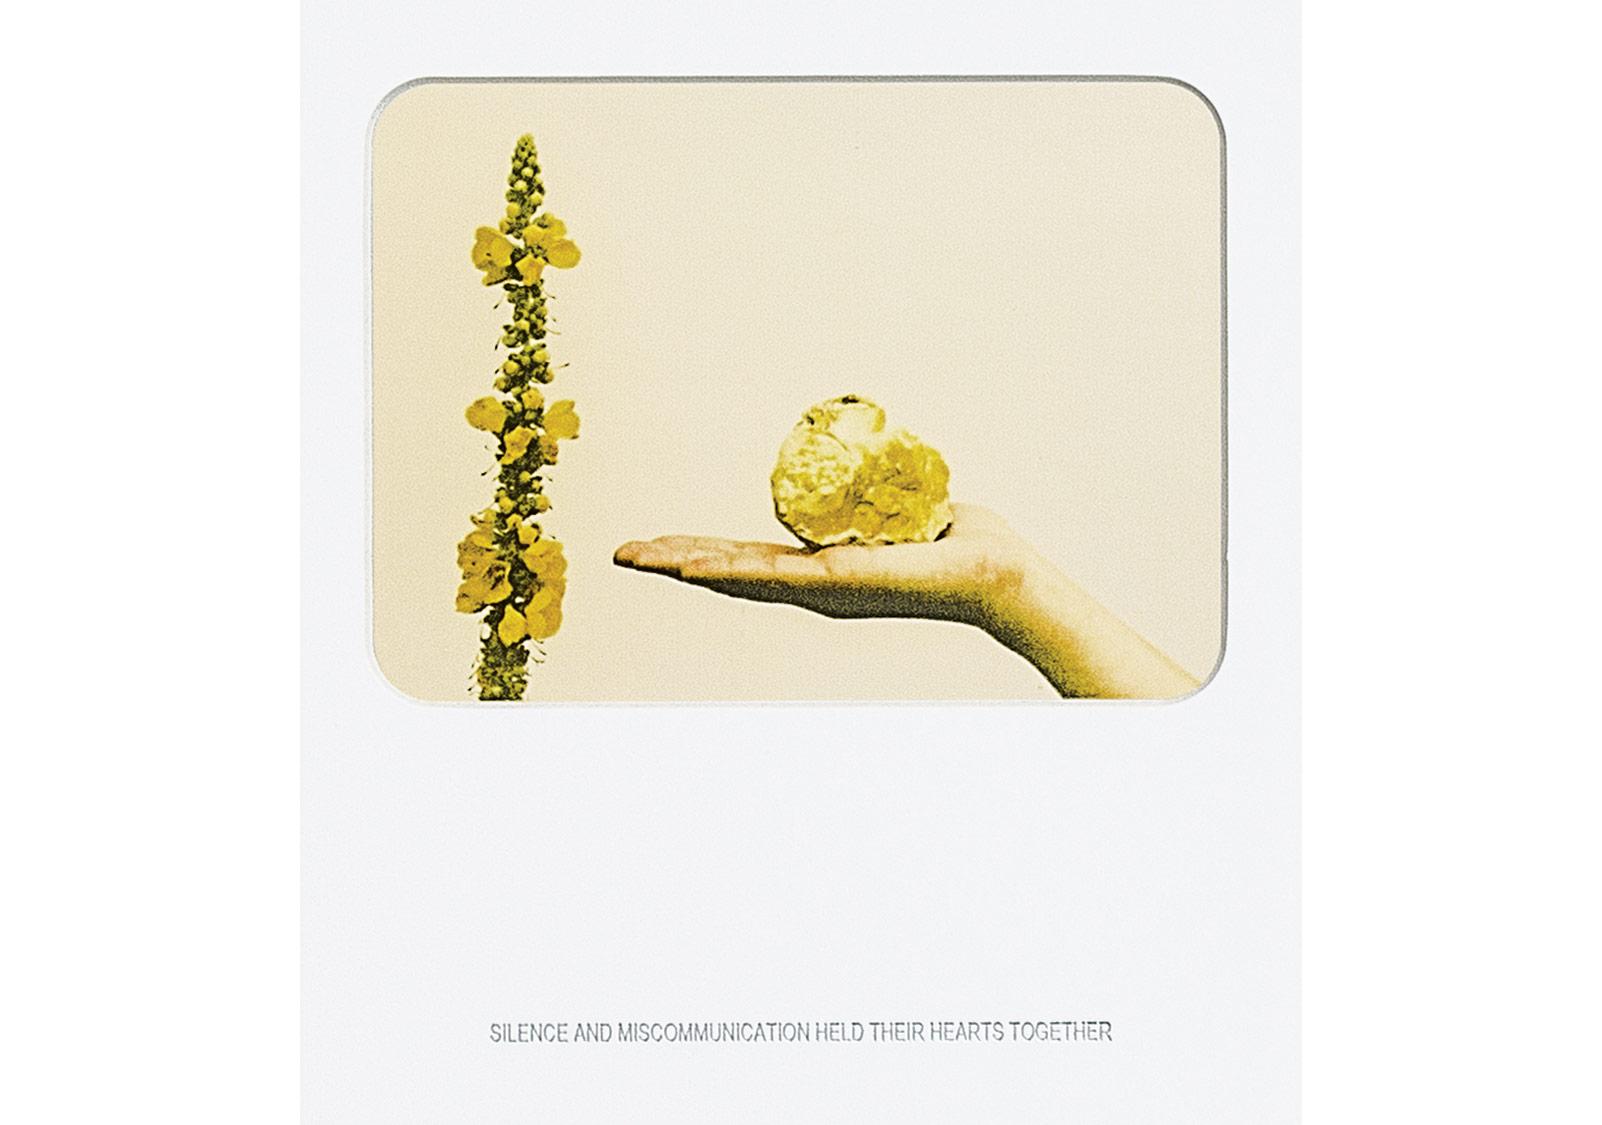 Basim Magdy, Sessizlik ve iletişimsizlikti kalplerini dağılmaktan koruyan (2012), Baskı ve metin (1. edisyon) 45x52 cm.